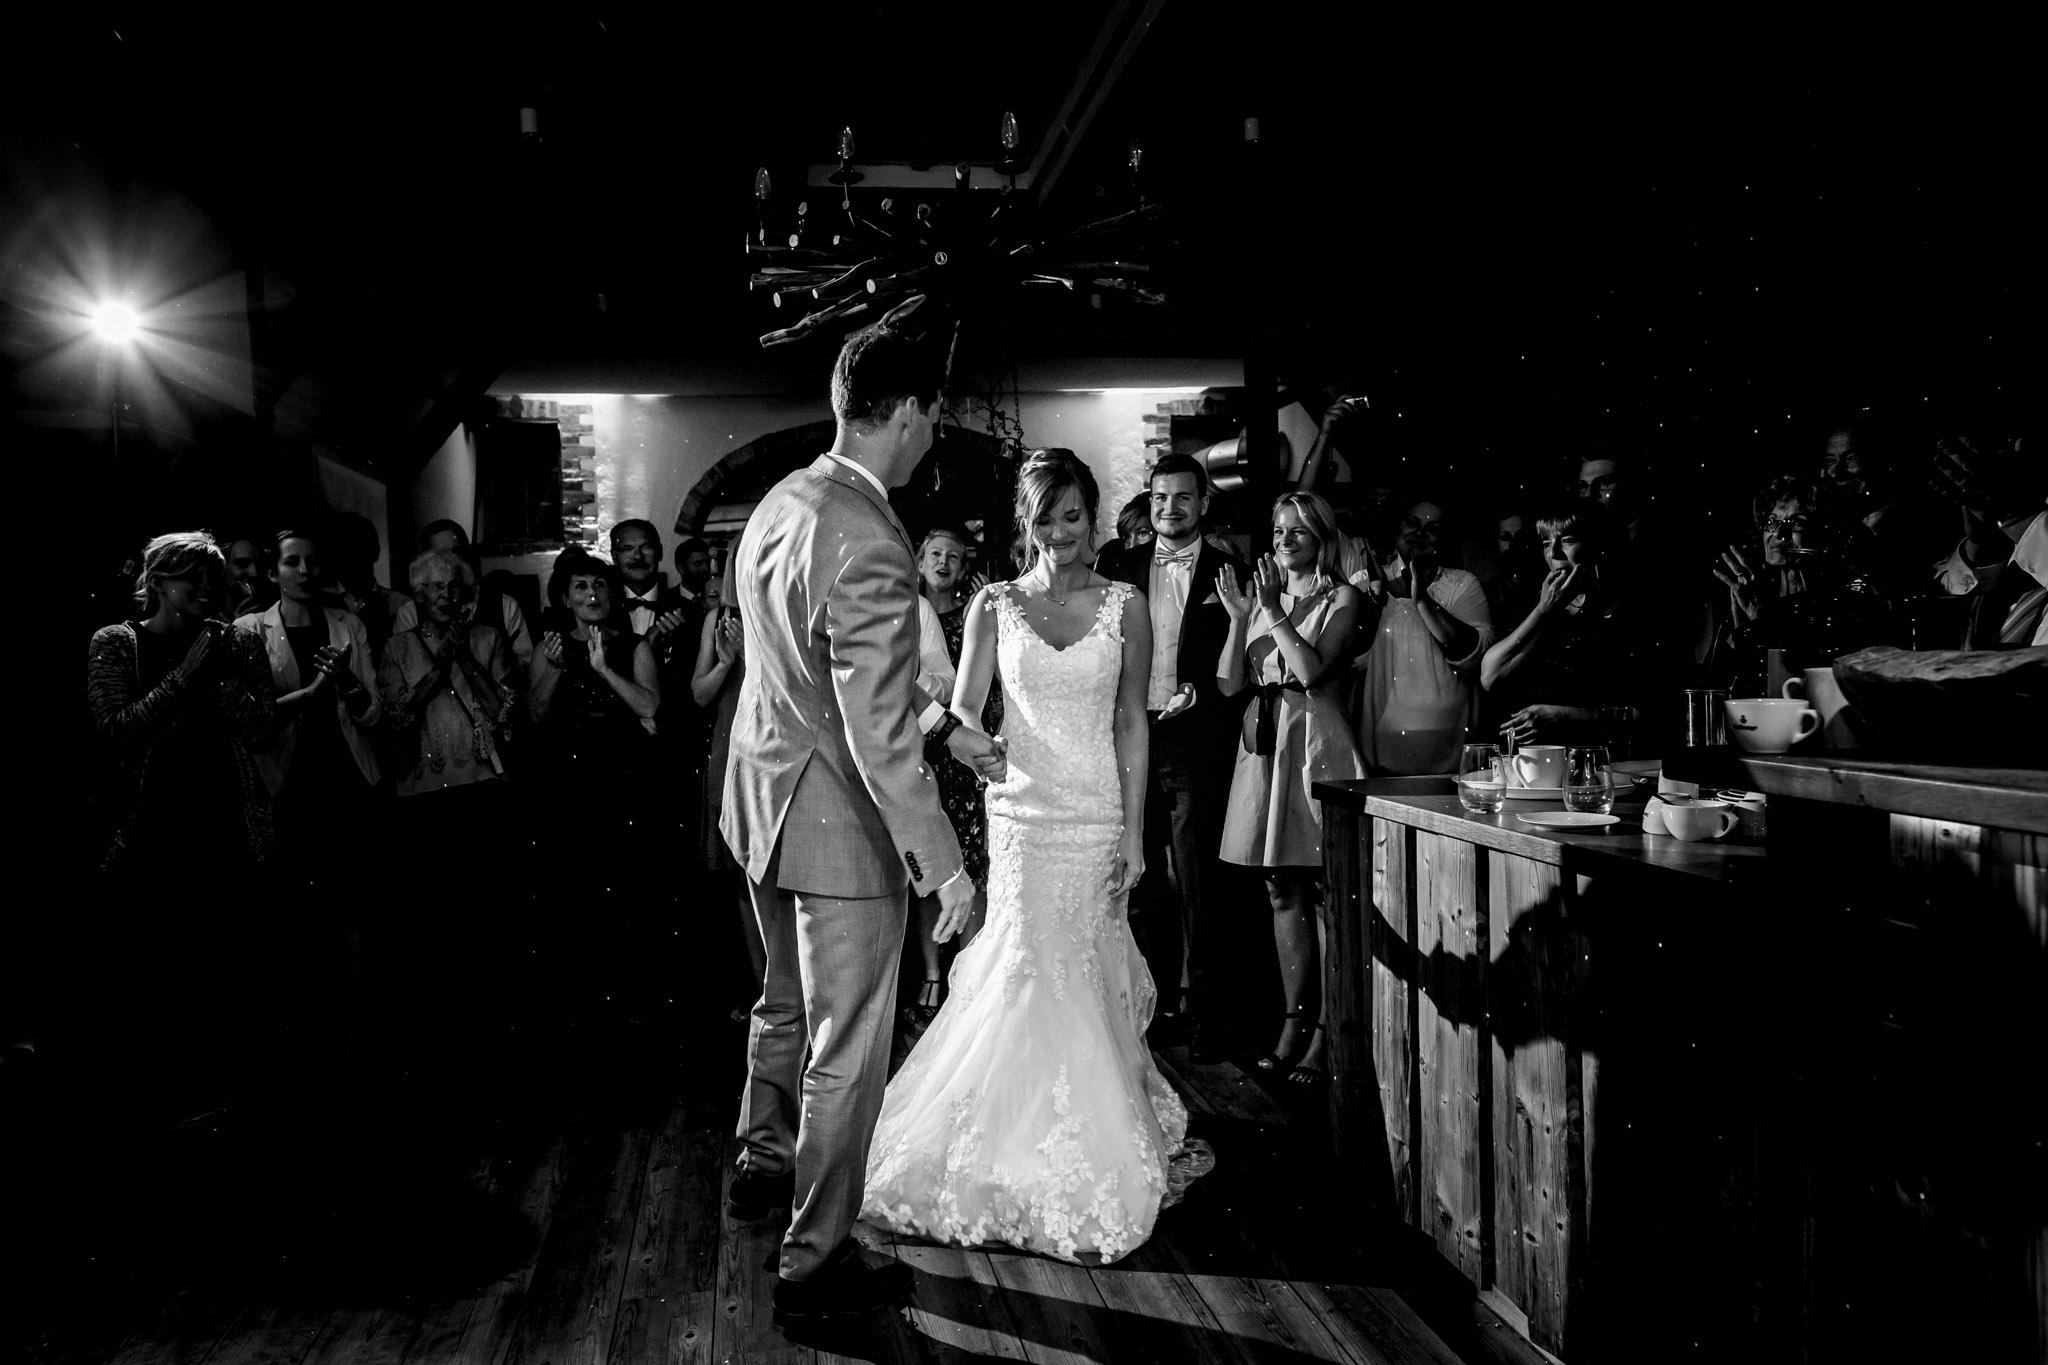 Sven Schomburg Hochzeitsfotografie, Hamburg, Mölln, Hochzeitsfieber by Photo-Schomburg, Hochzeitsreportage, Forsthaus Waldhusen, Braut, Bräutigam-92